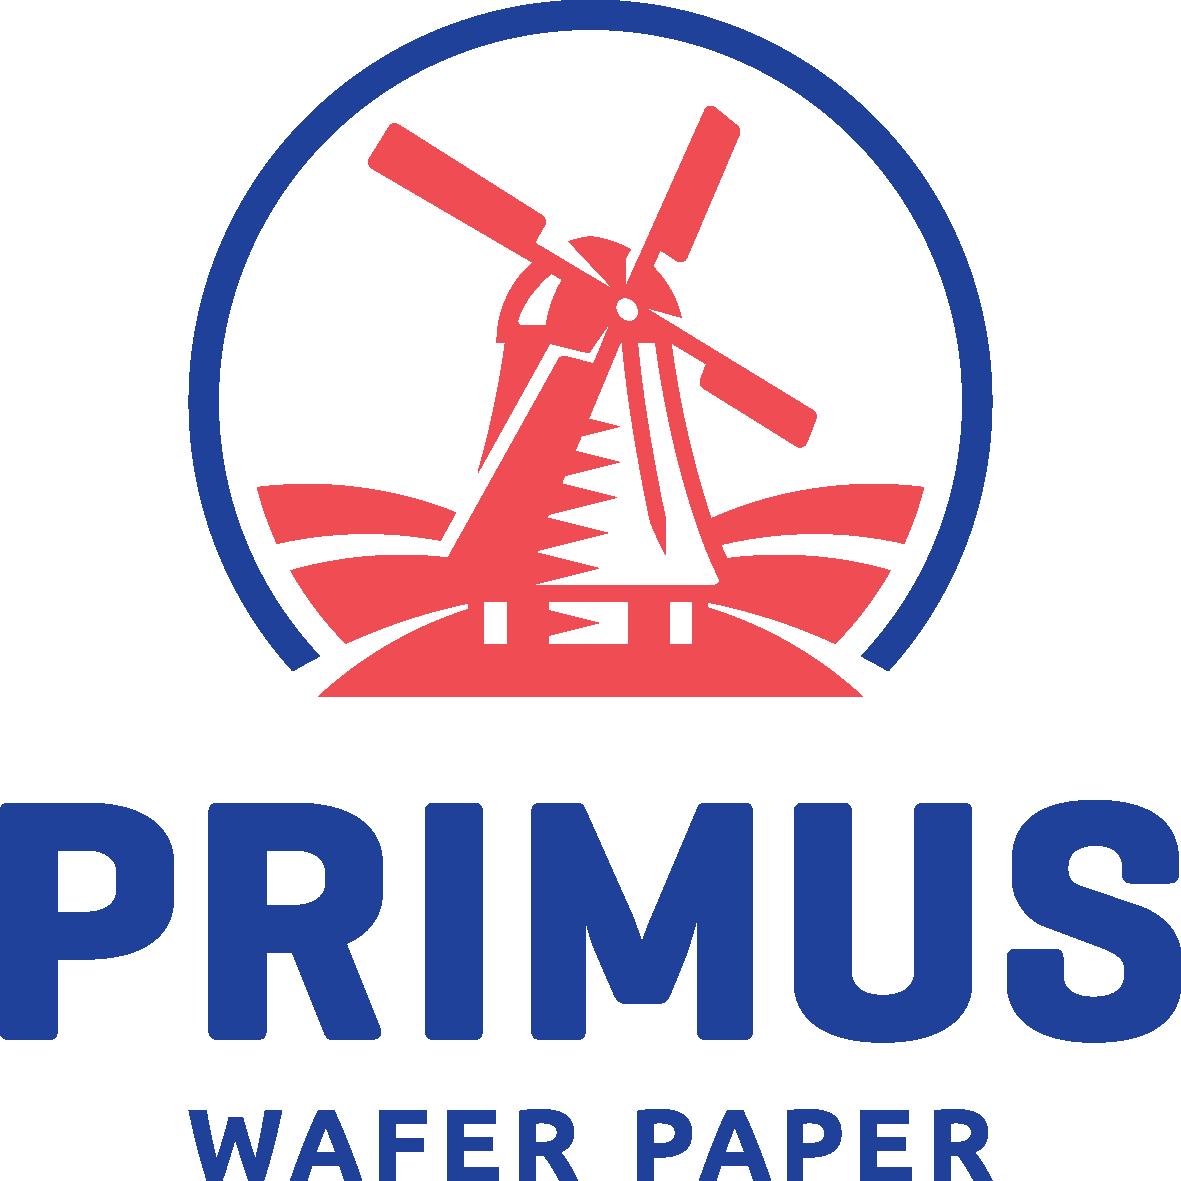 Eetbare labels van Primus ingepakt